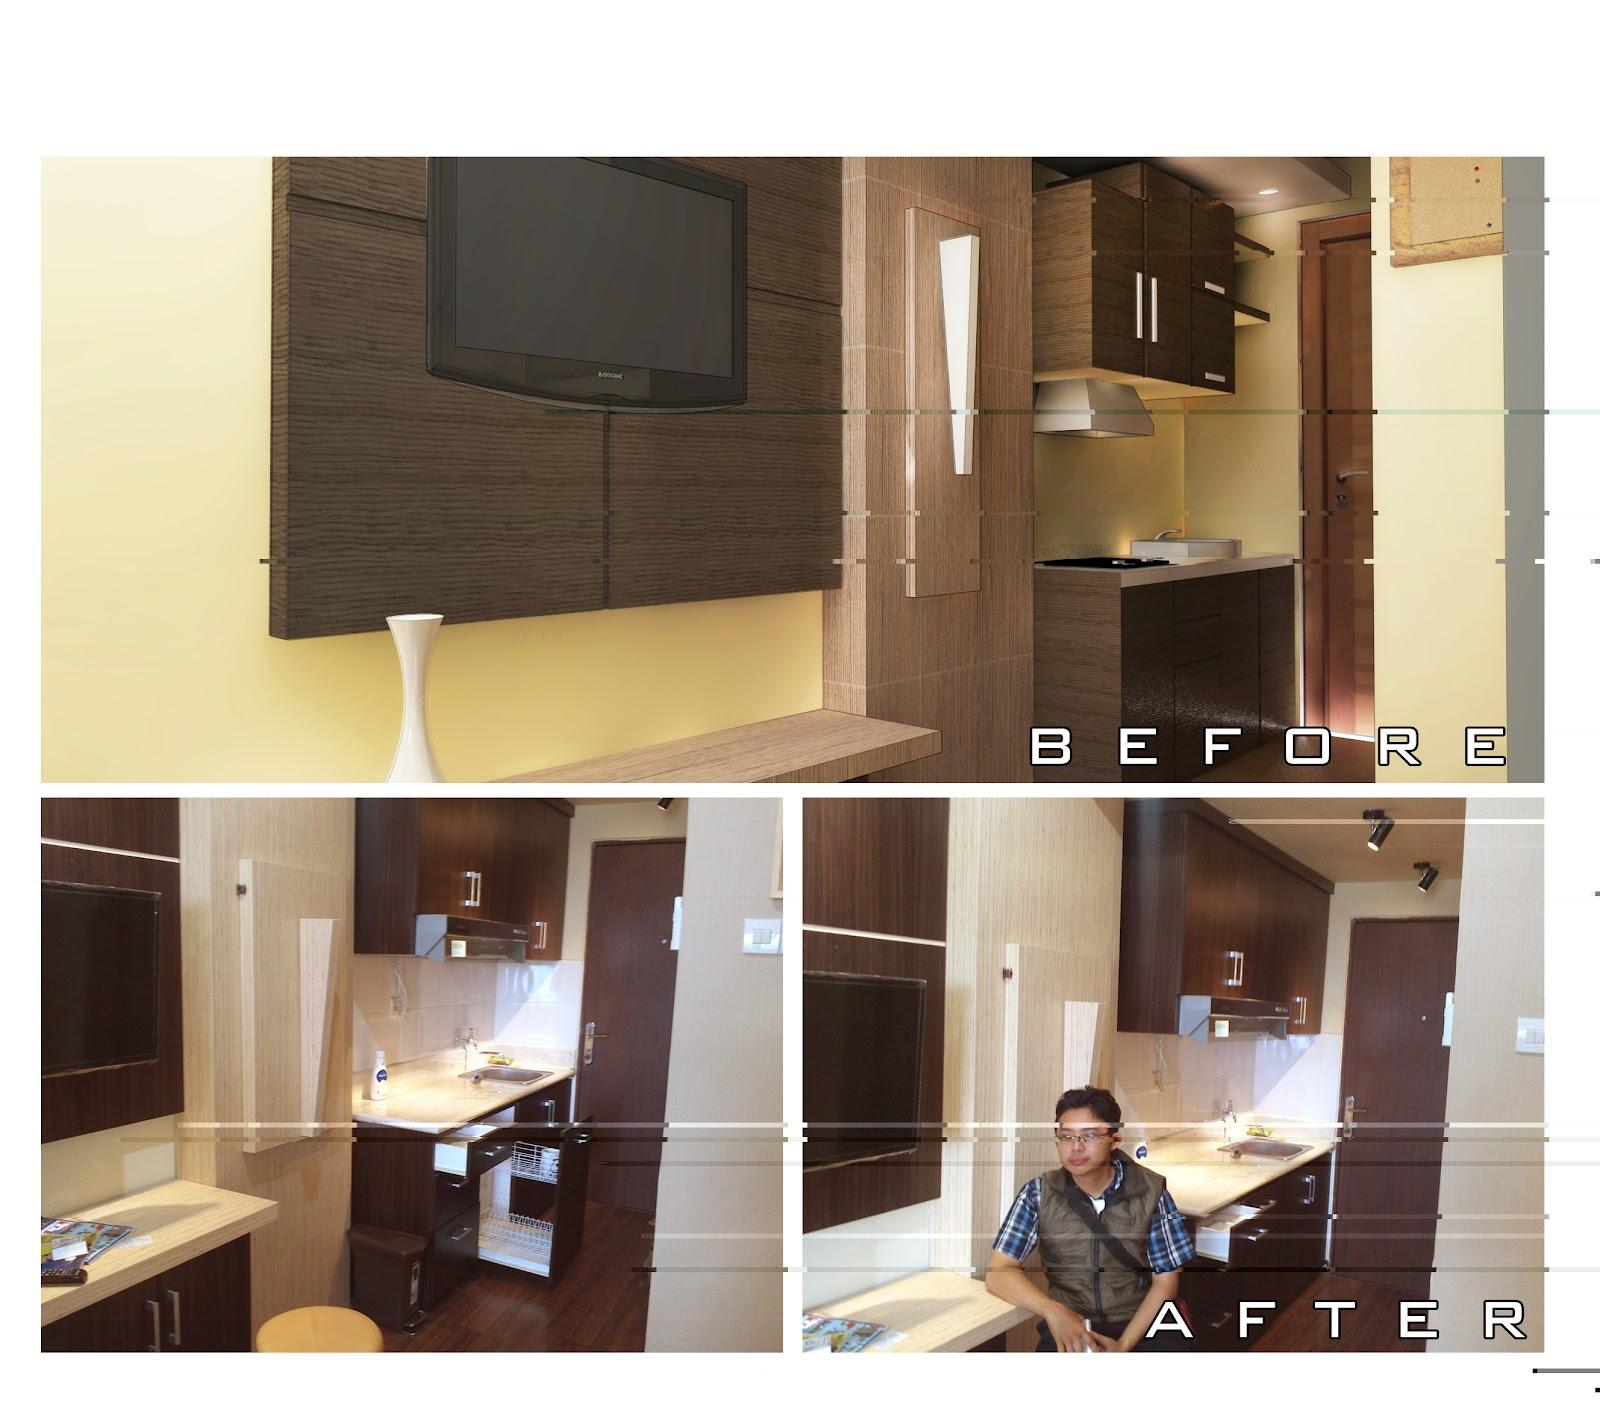 Diposkan Oleh Archimax Design Di Senin Oktober 08 2012